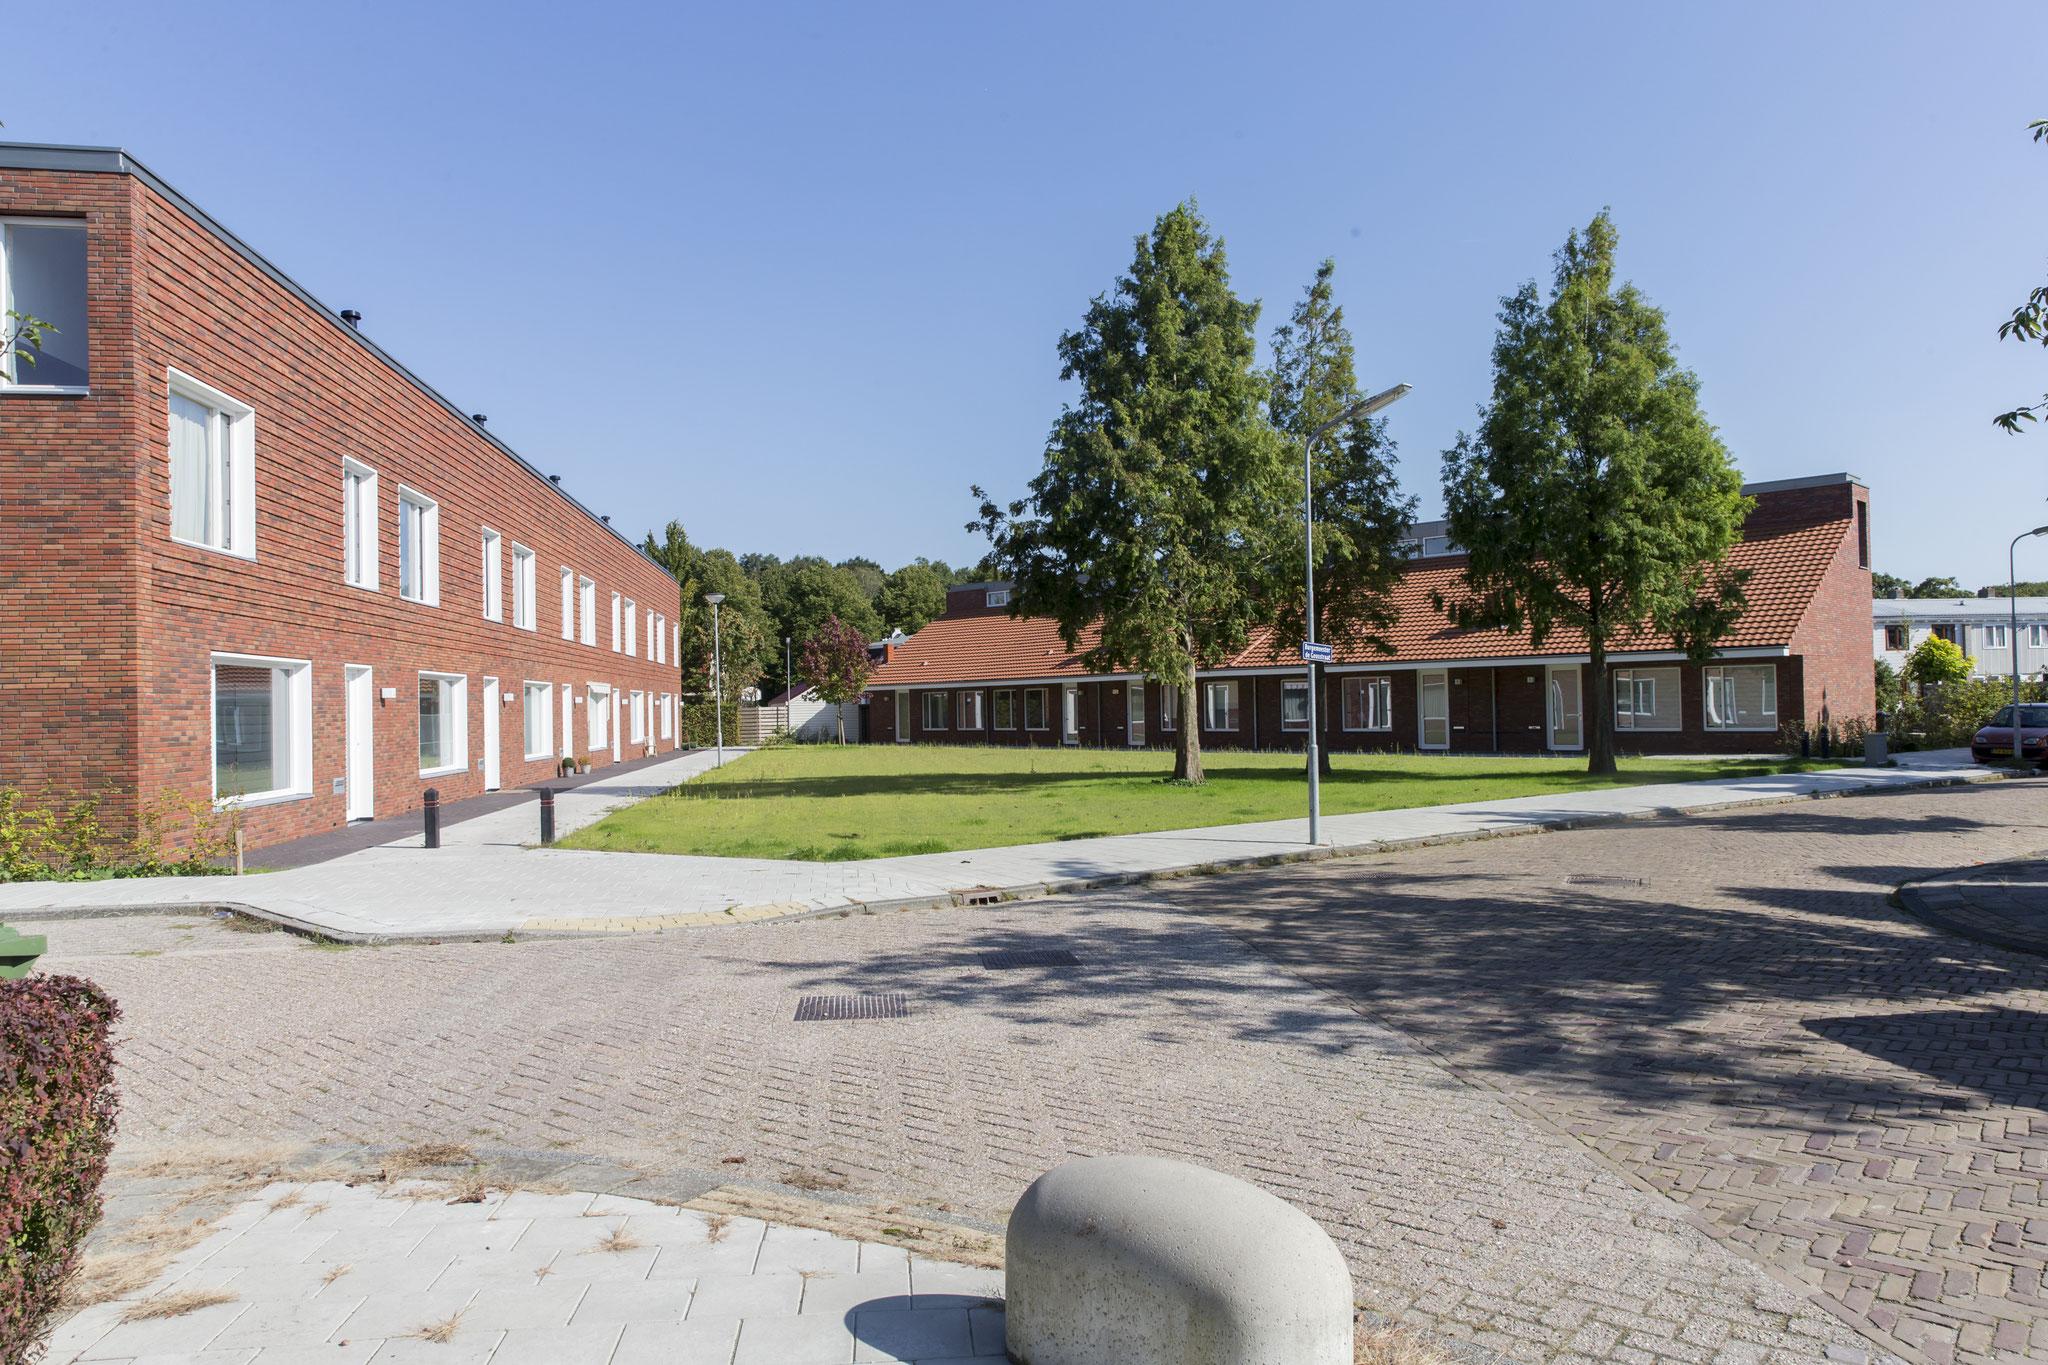 16 Woningen te Zuid-Oost Beemster